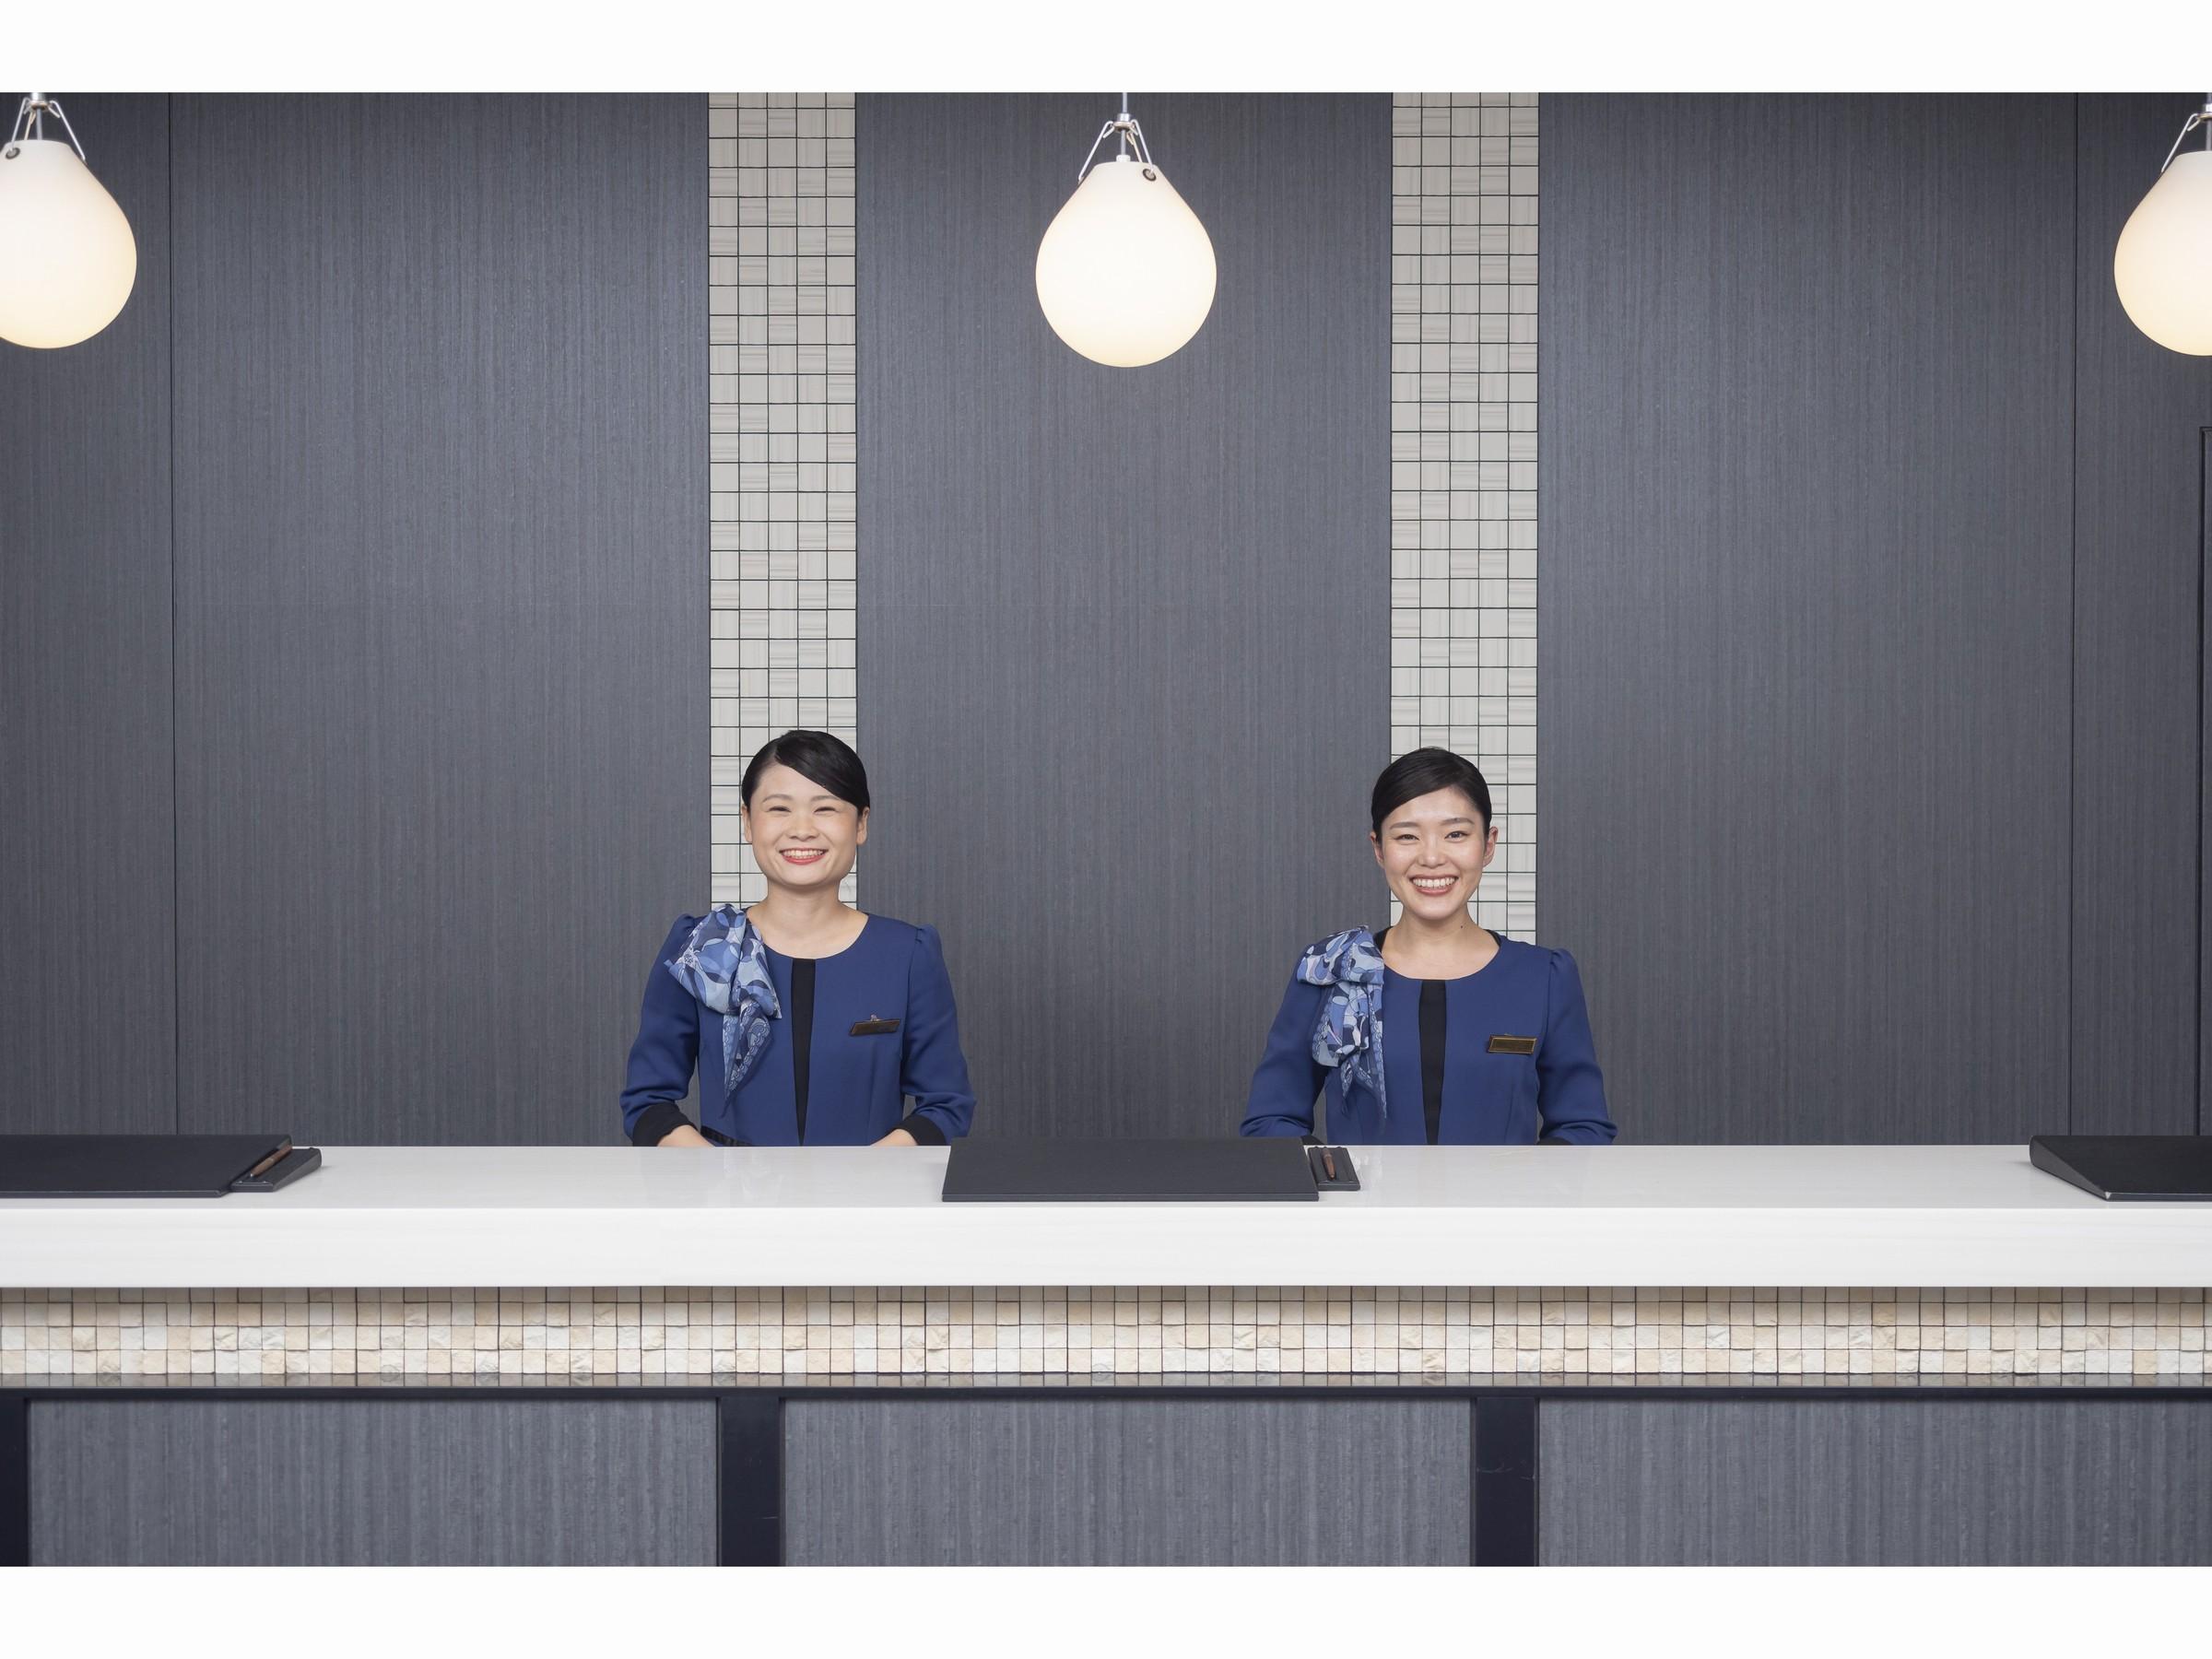 リッチモンドホテル札幌駅前 早めの予約がお得♪◇超得28プラン◇【期間・室数限定】